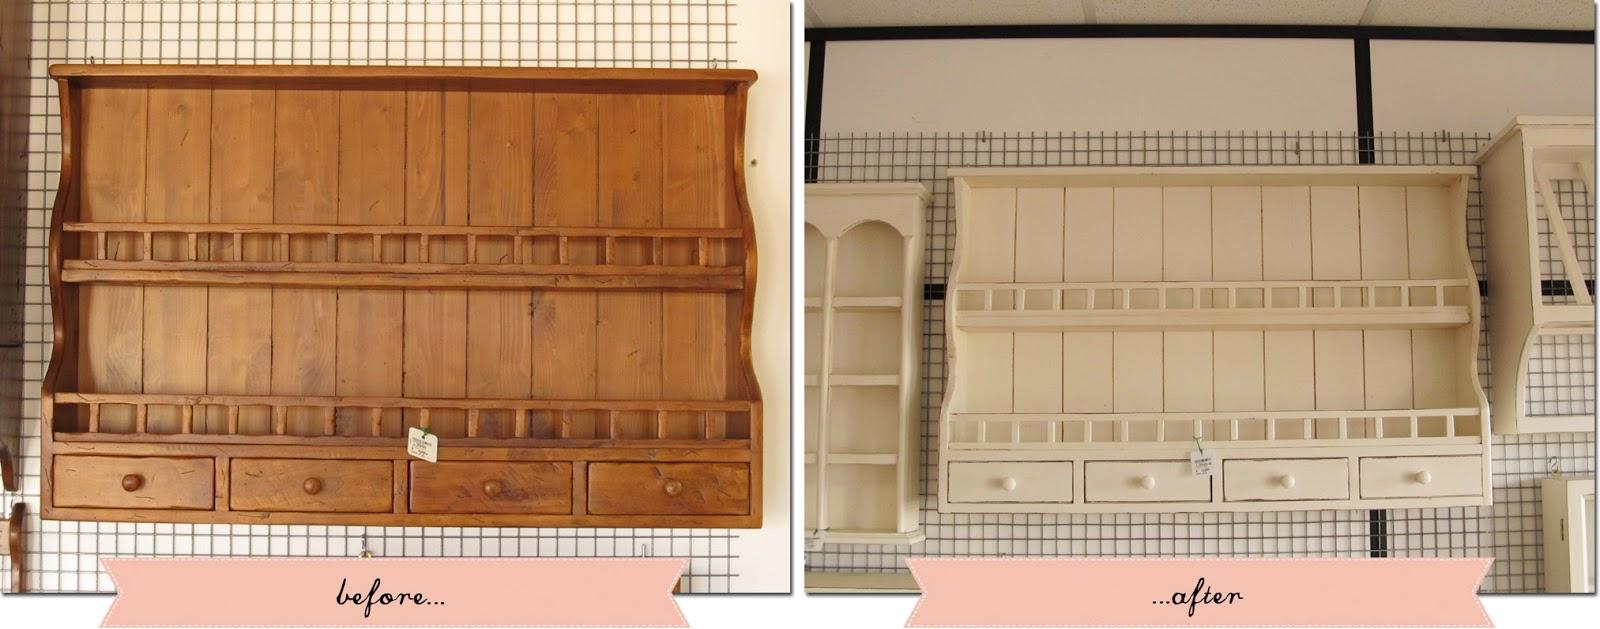 Una piattaia tanti stili shabby chic interiors for Piattaia ikea